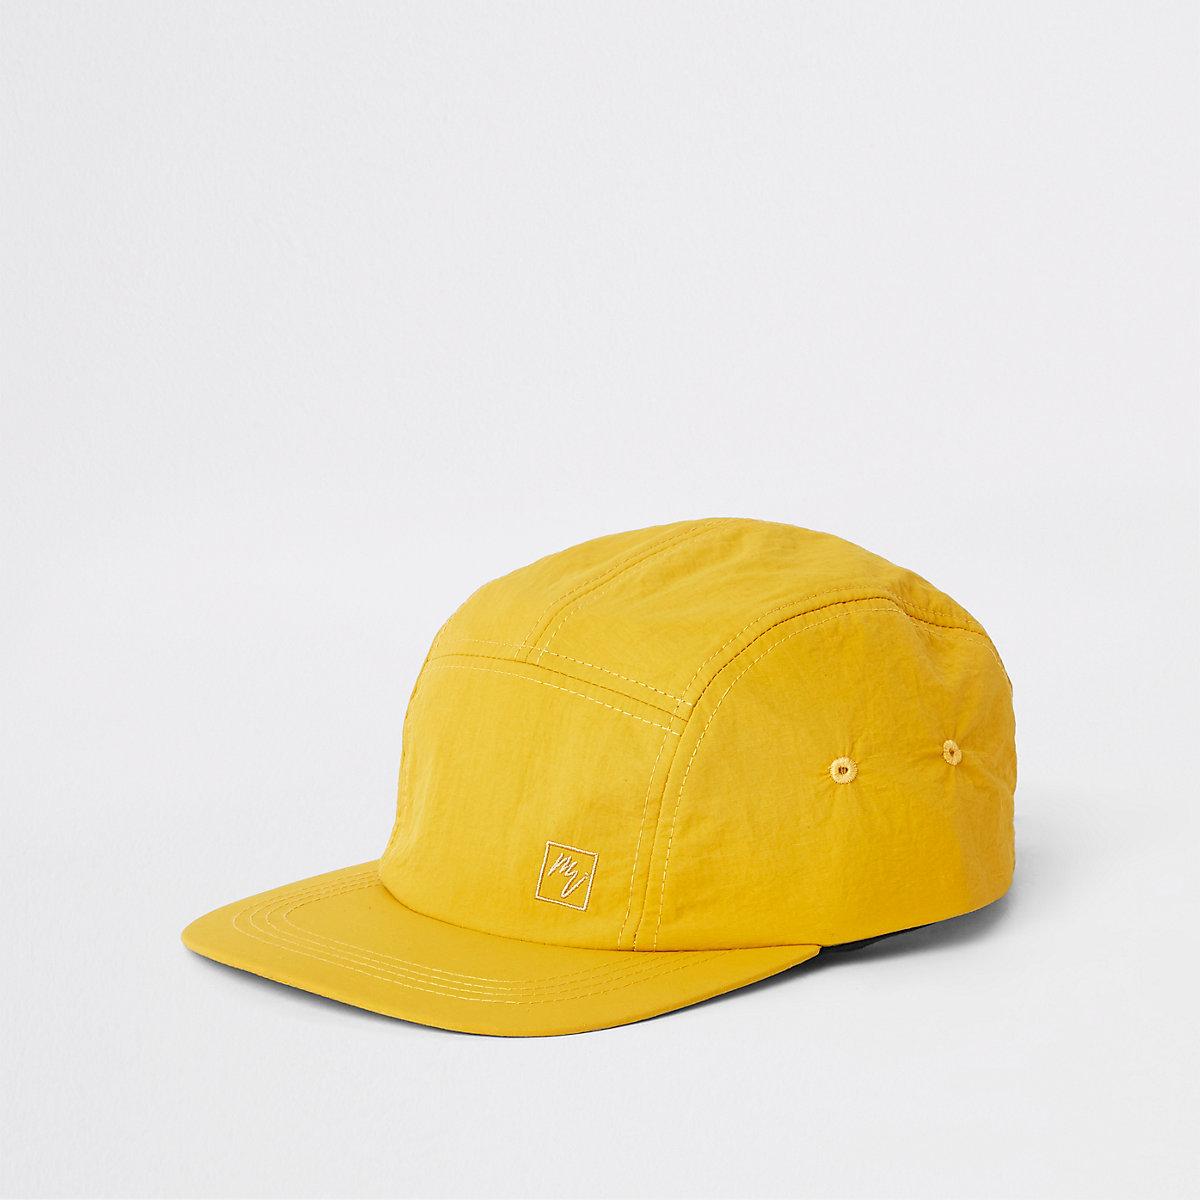 Yellow 'Maison Riviera' snapback